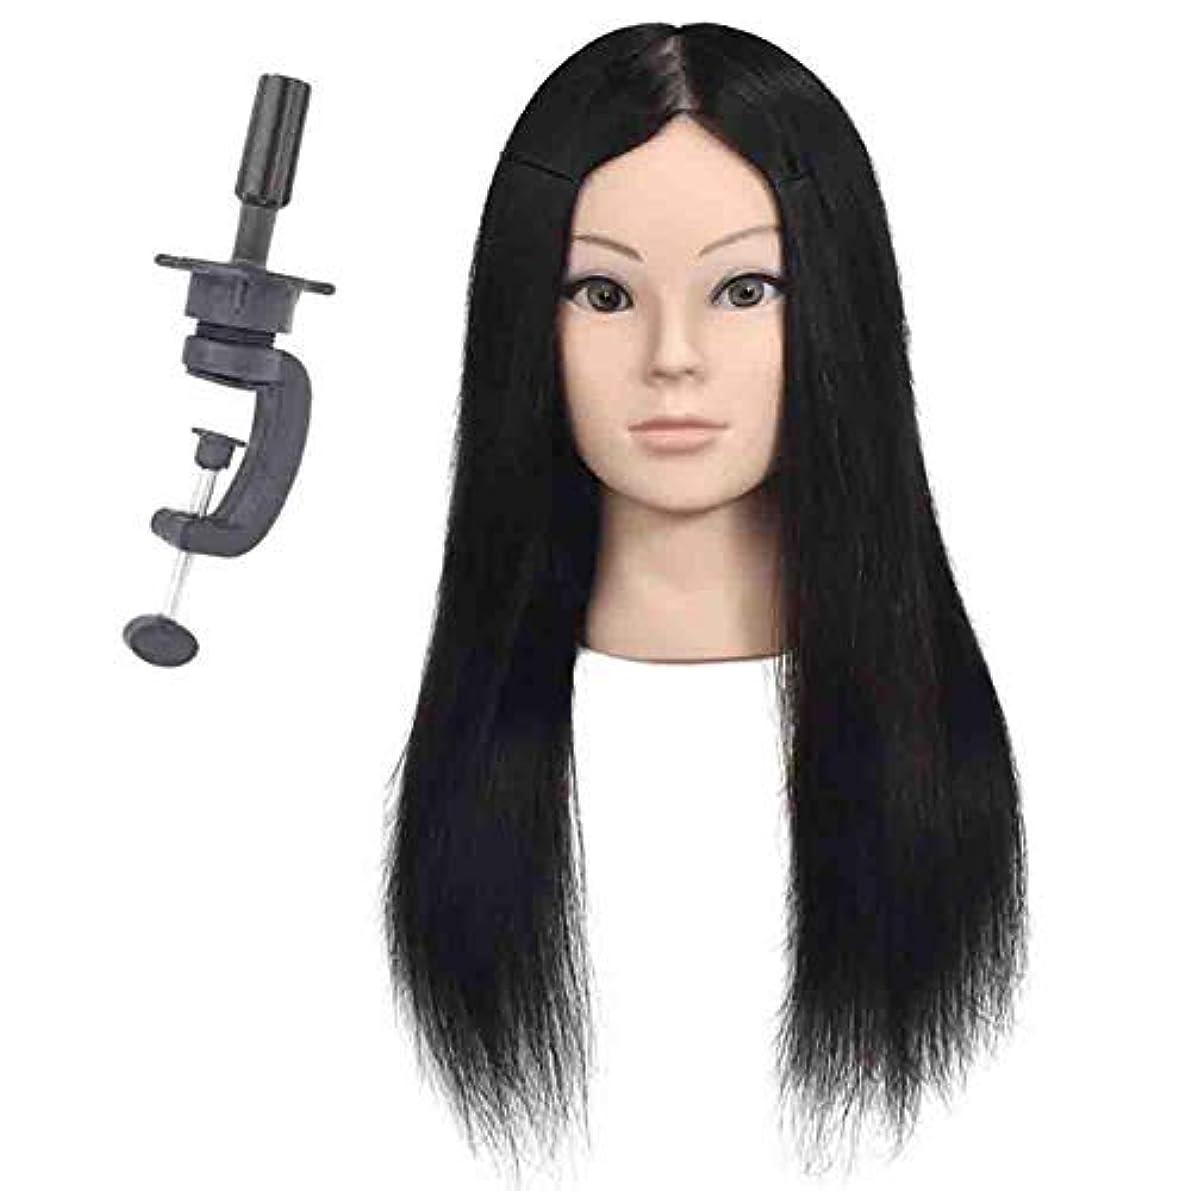 八百屋装備する呪いリアルヘアスタイリングマネキンヘッド女性ヘッドモデル教育ヘッド理髪店編組ヘア染色学習ダミーヘッド